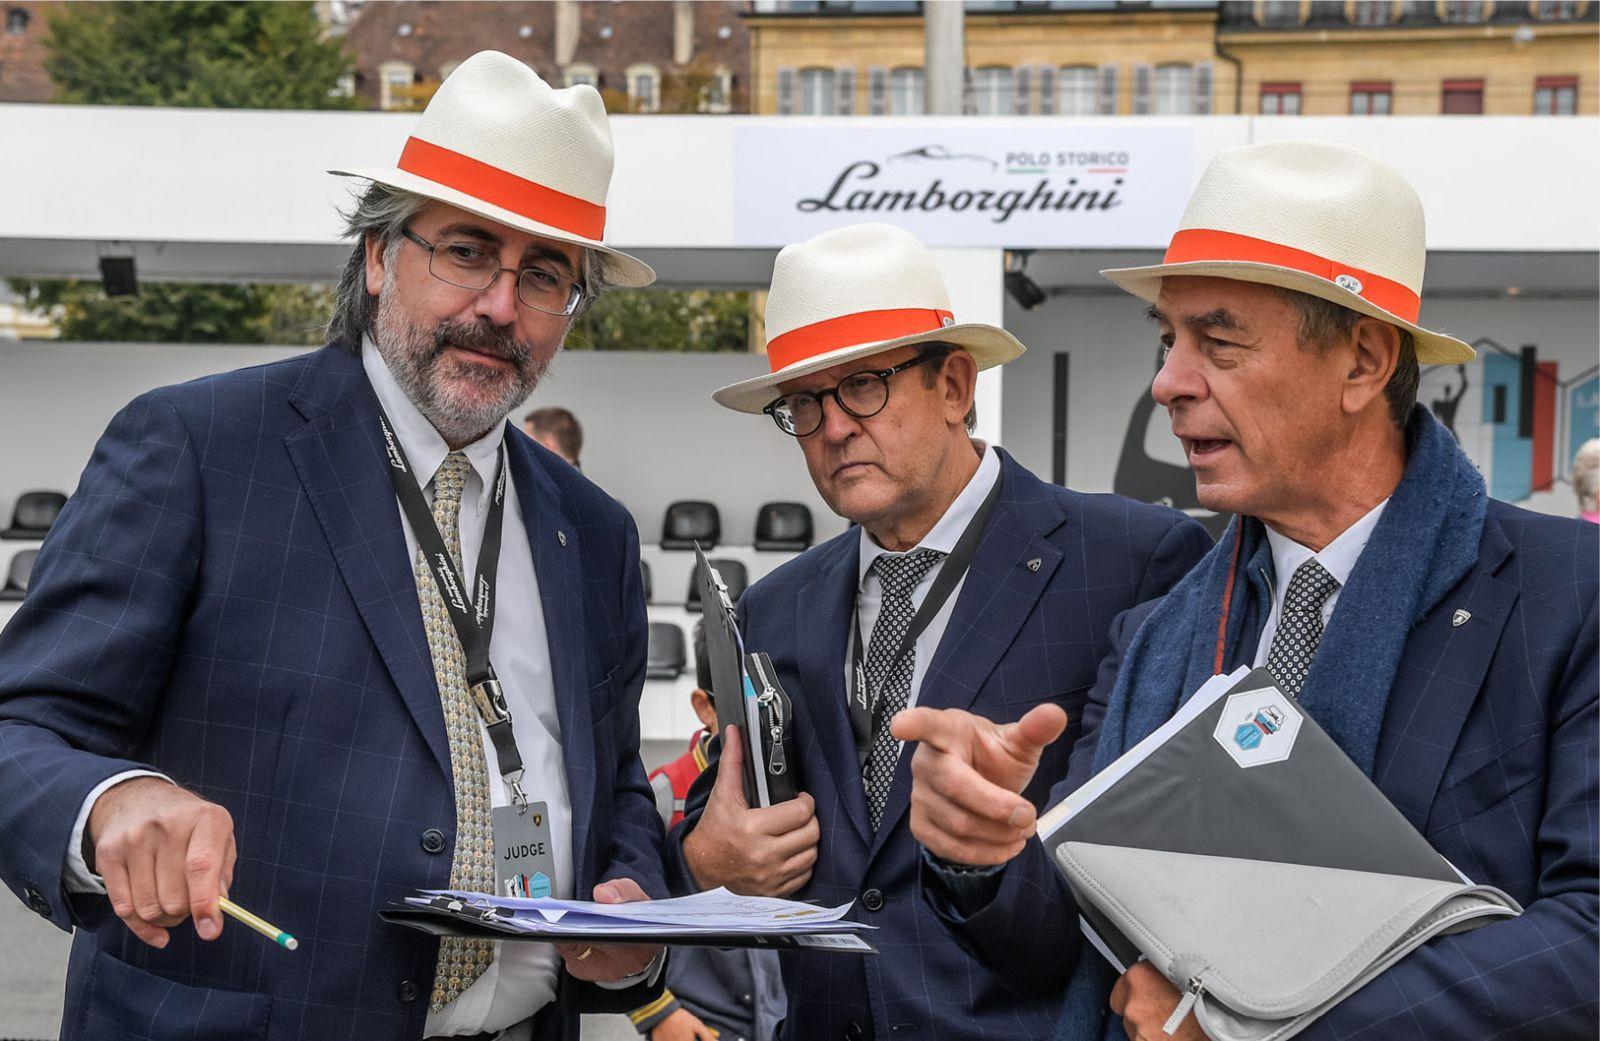 Lamborghini Concorso d'Eleganza  93